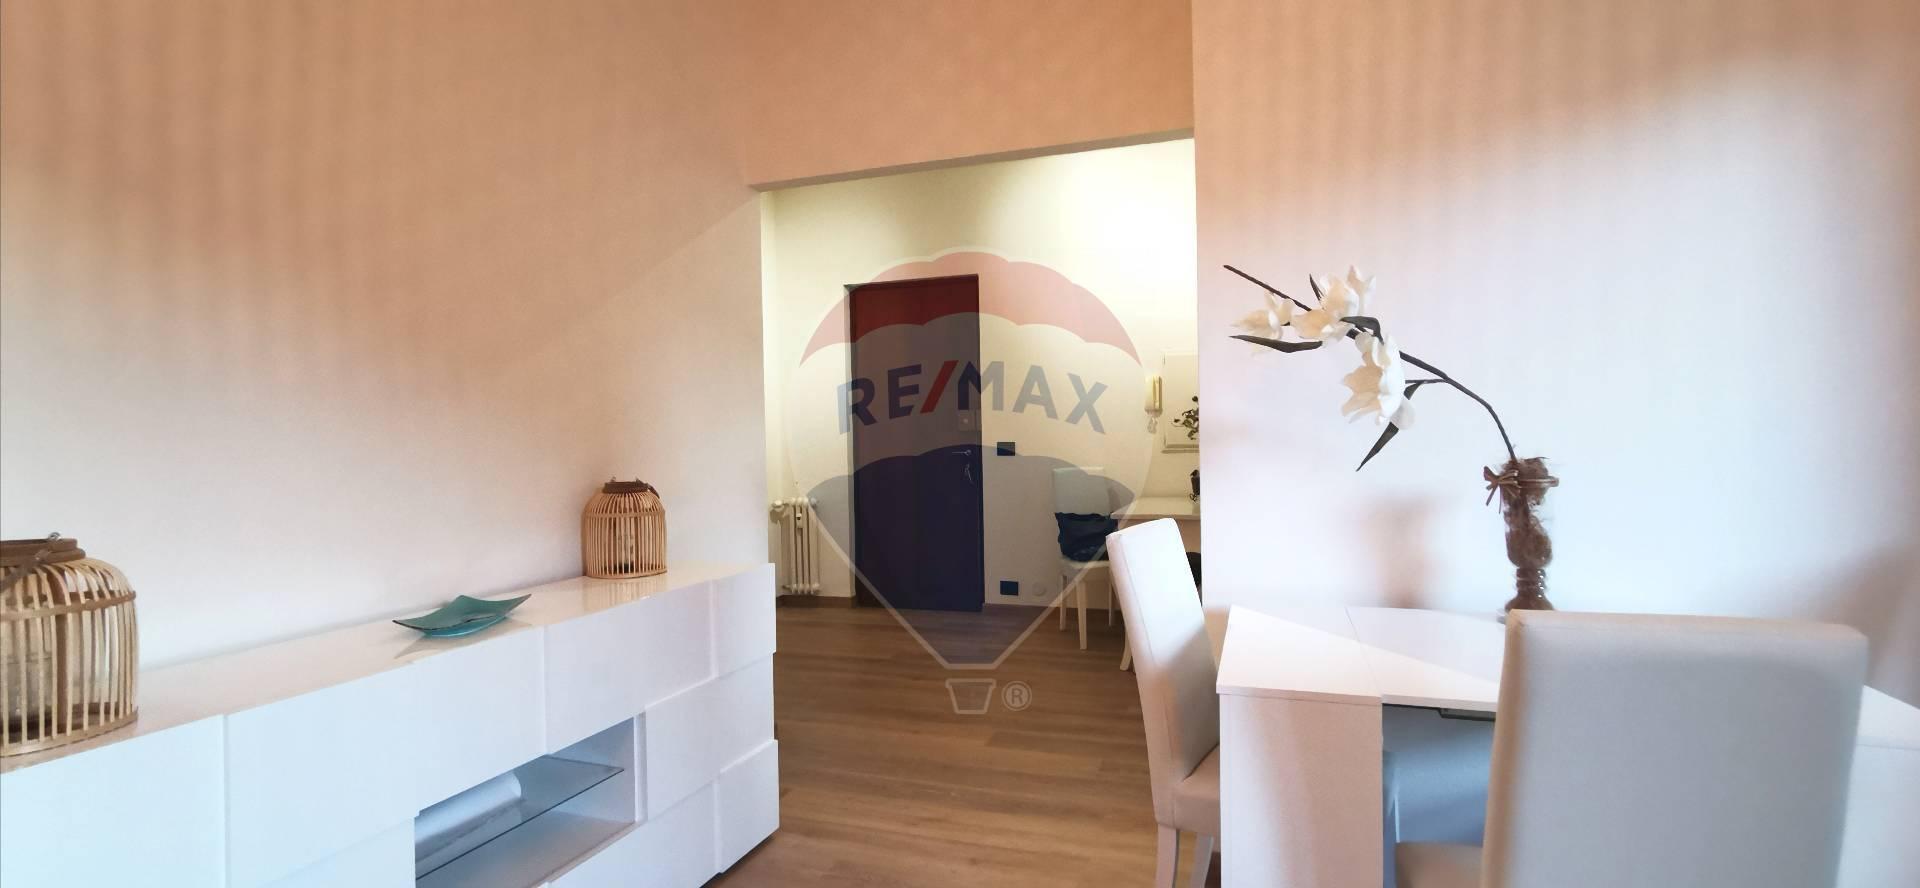 biella affitto quart: centro re-max-unit